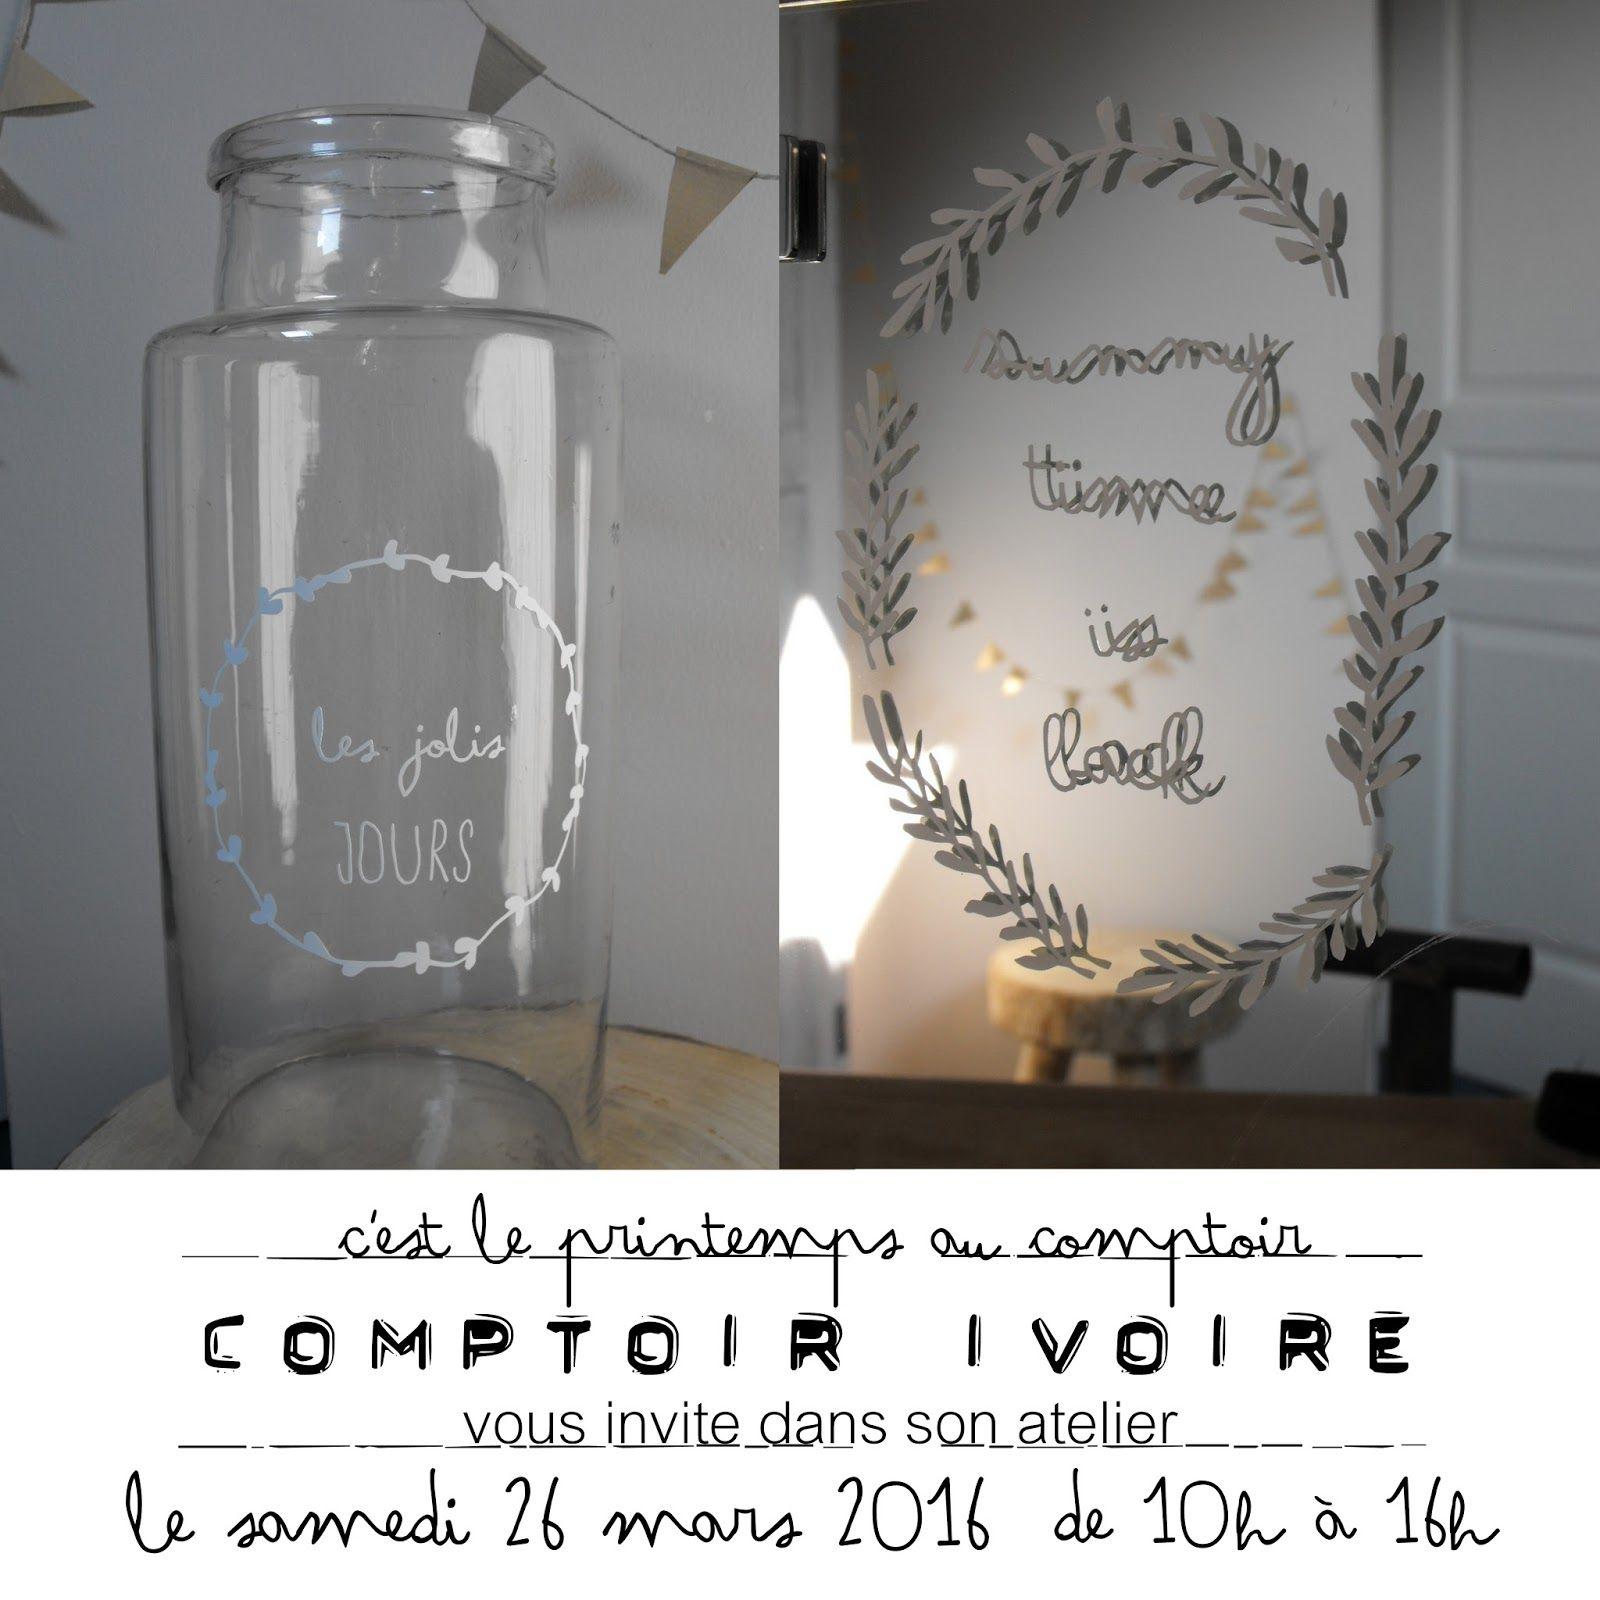 Comptoir Ivoire